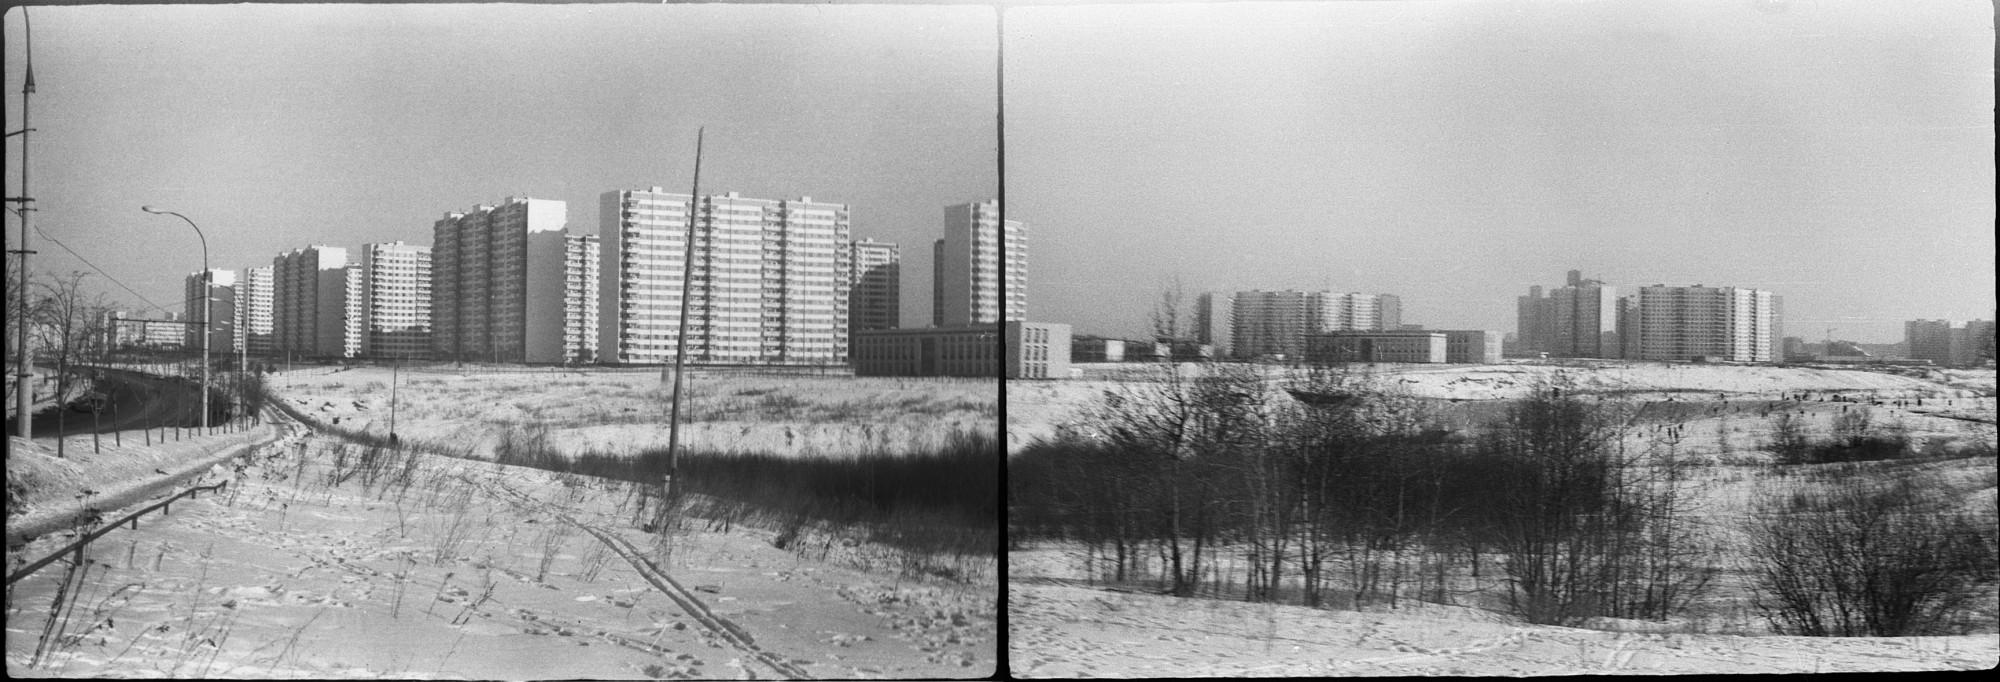 1985 Олимпийская деревня. Mike.Z (Михаил)2